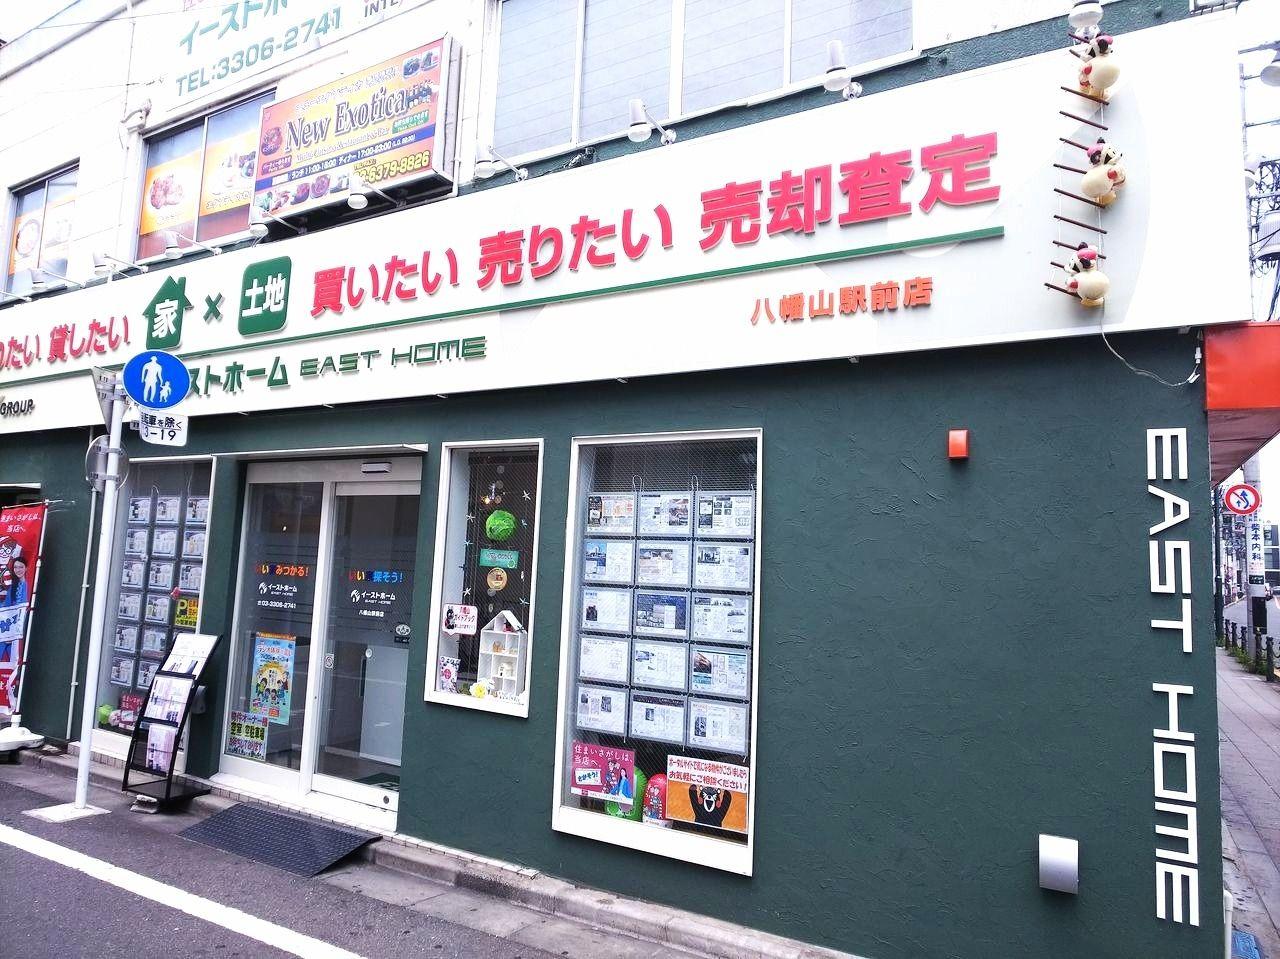 八幡山駅徒歩30秒イーストホームの店舗です。